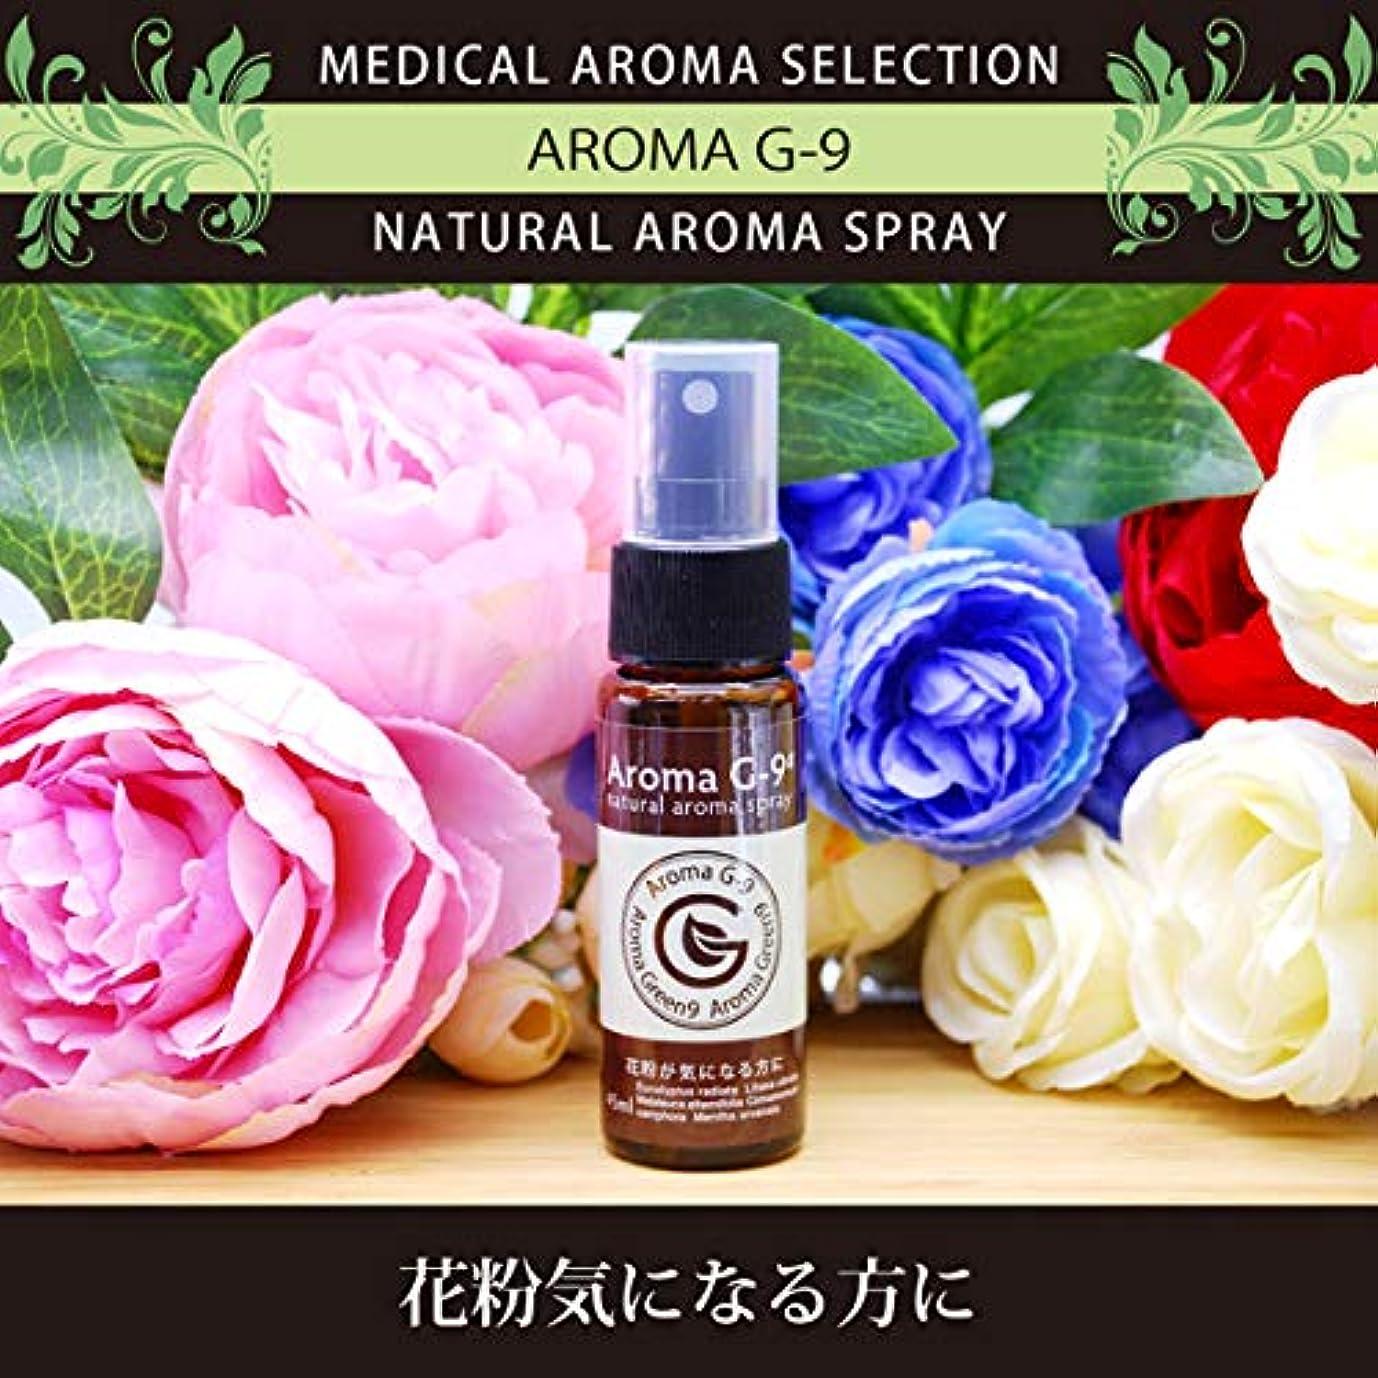 ヘビ成功した分数アロマスプレー Aroma G-9# 花粉症アロマスプレー 45ml